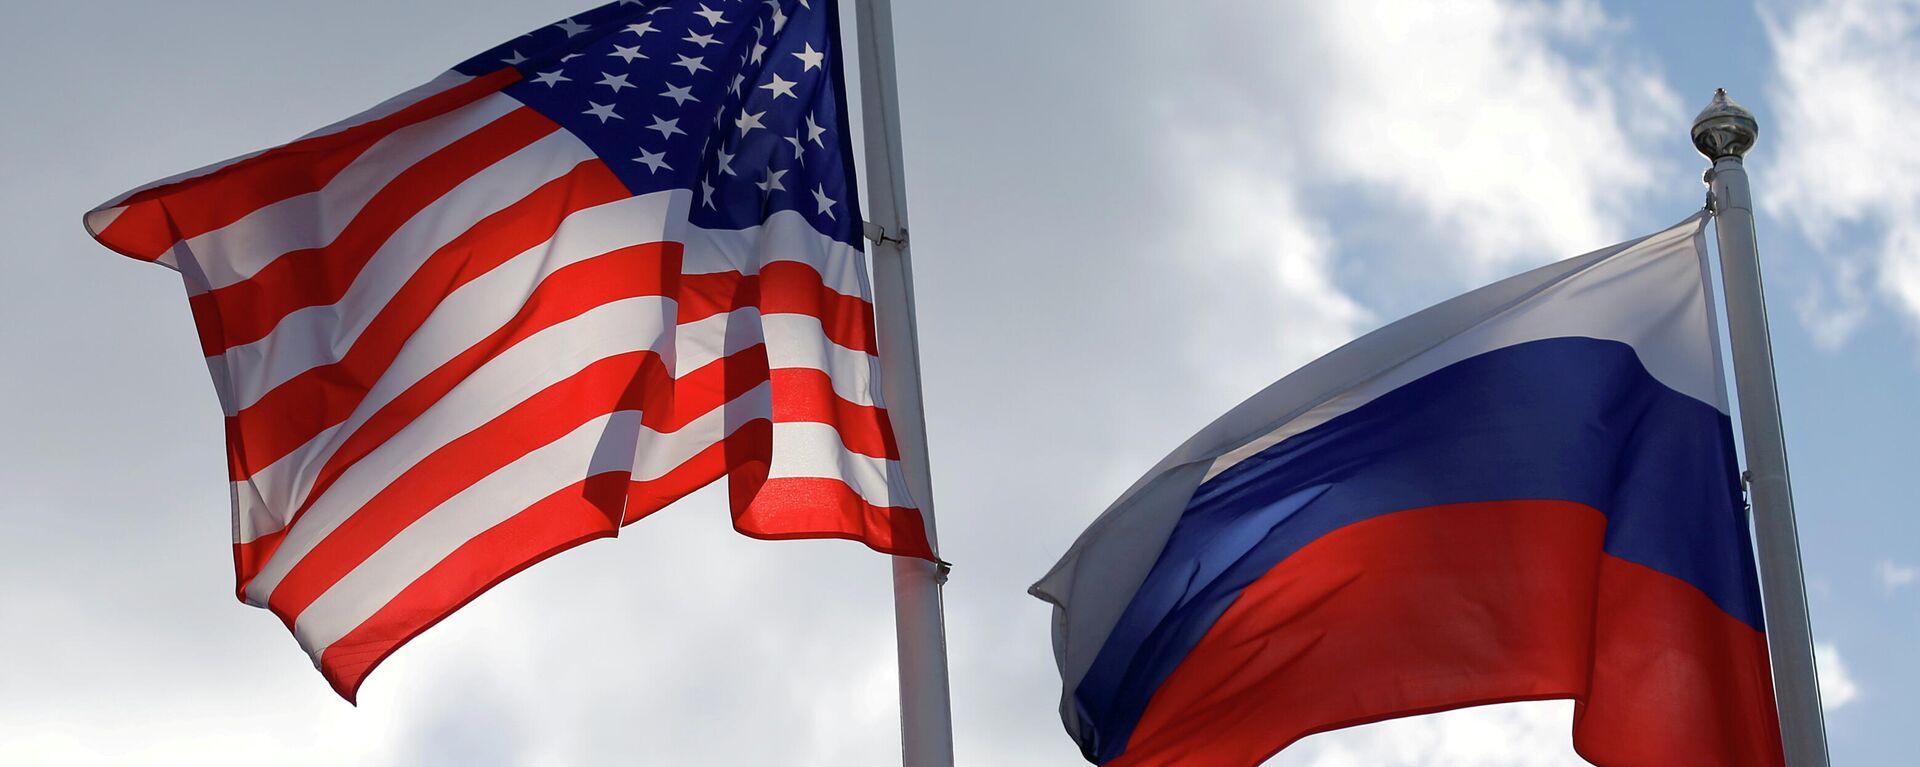 Banderas de Rusia y EEUU (referencial) - Sputnik Mundo, 1920, 13.10.2021